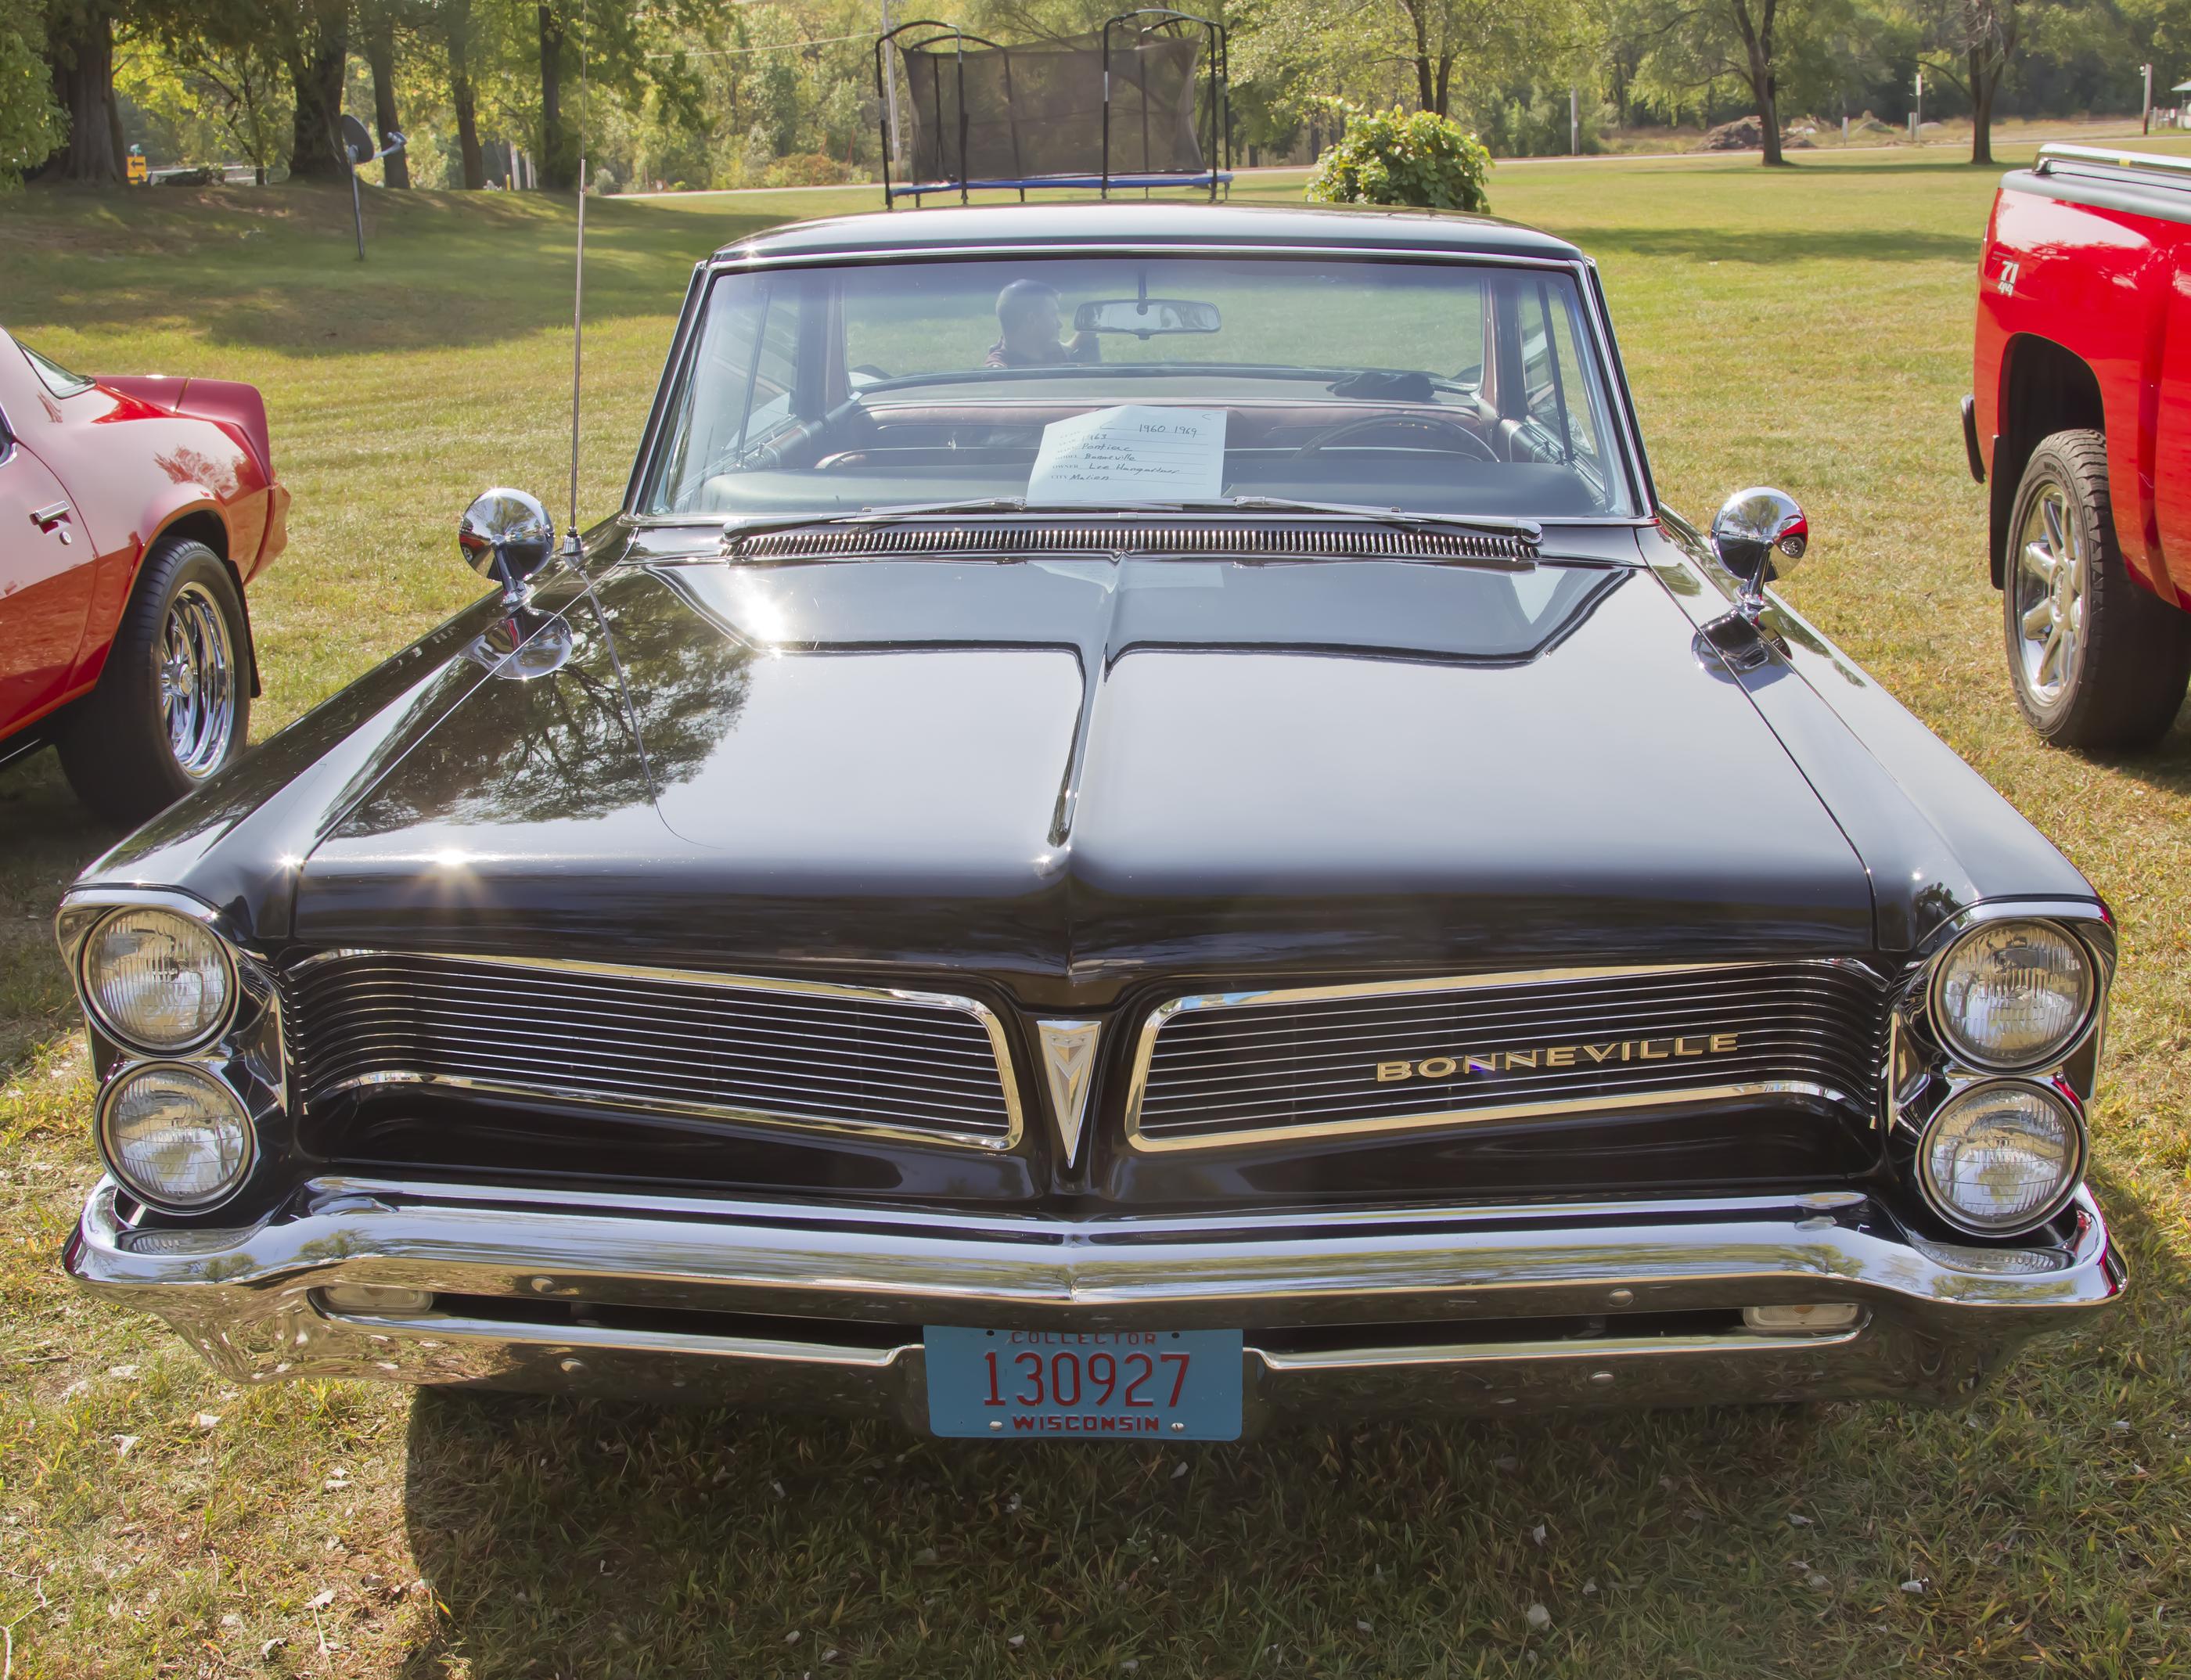 1963 BLACK PONTIAC BONNEVILLE FRONT VIEW BY MYBAITSHOP